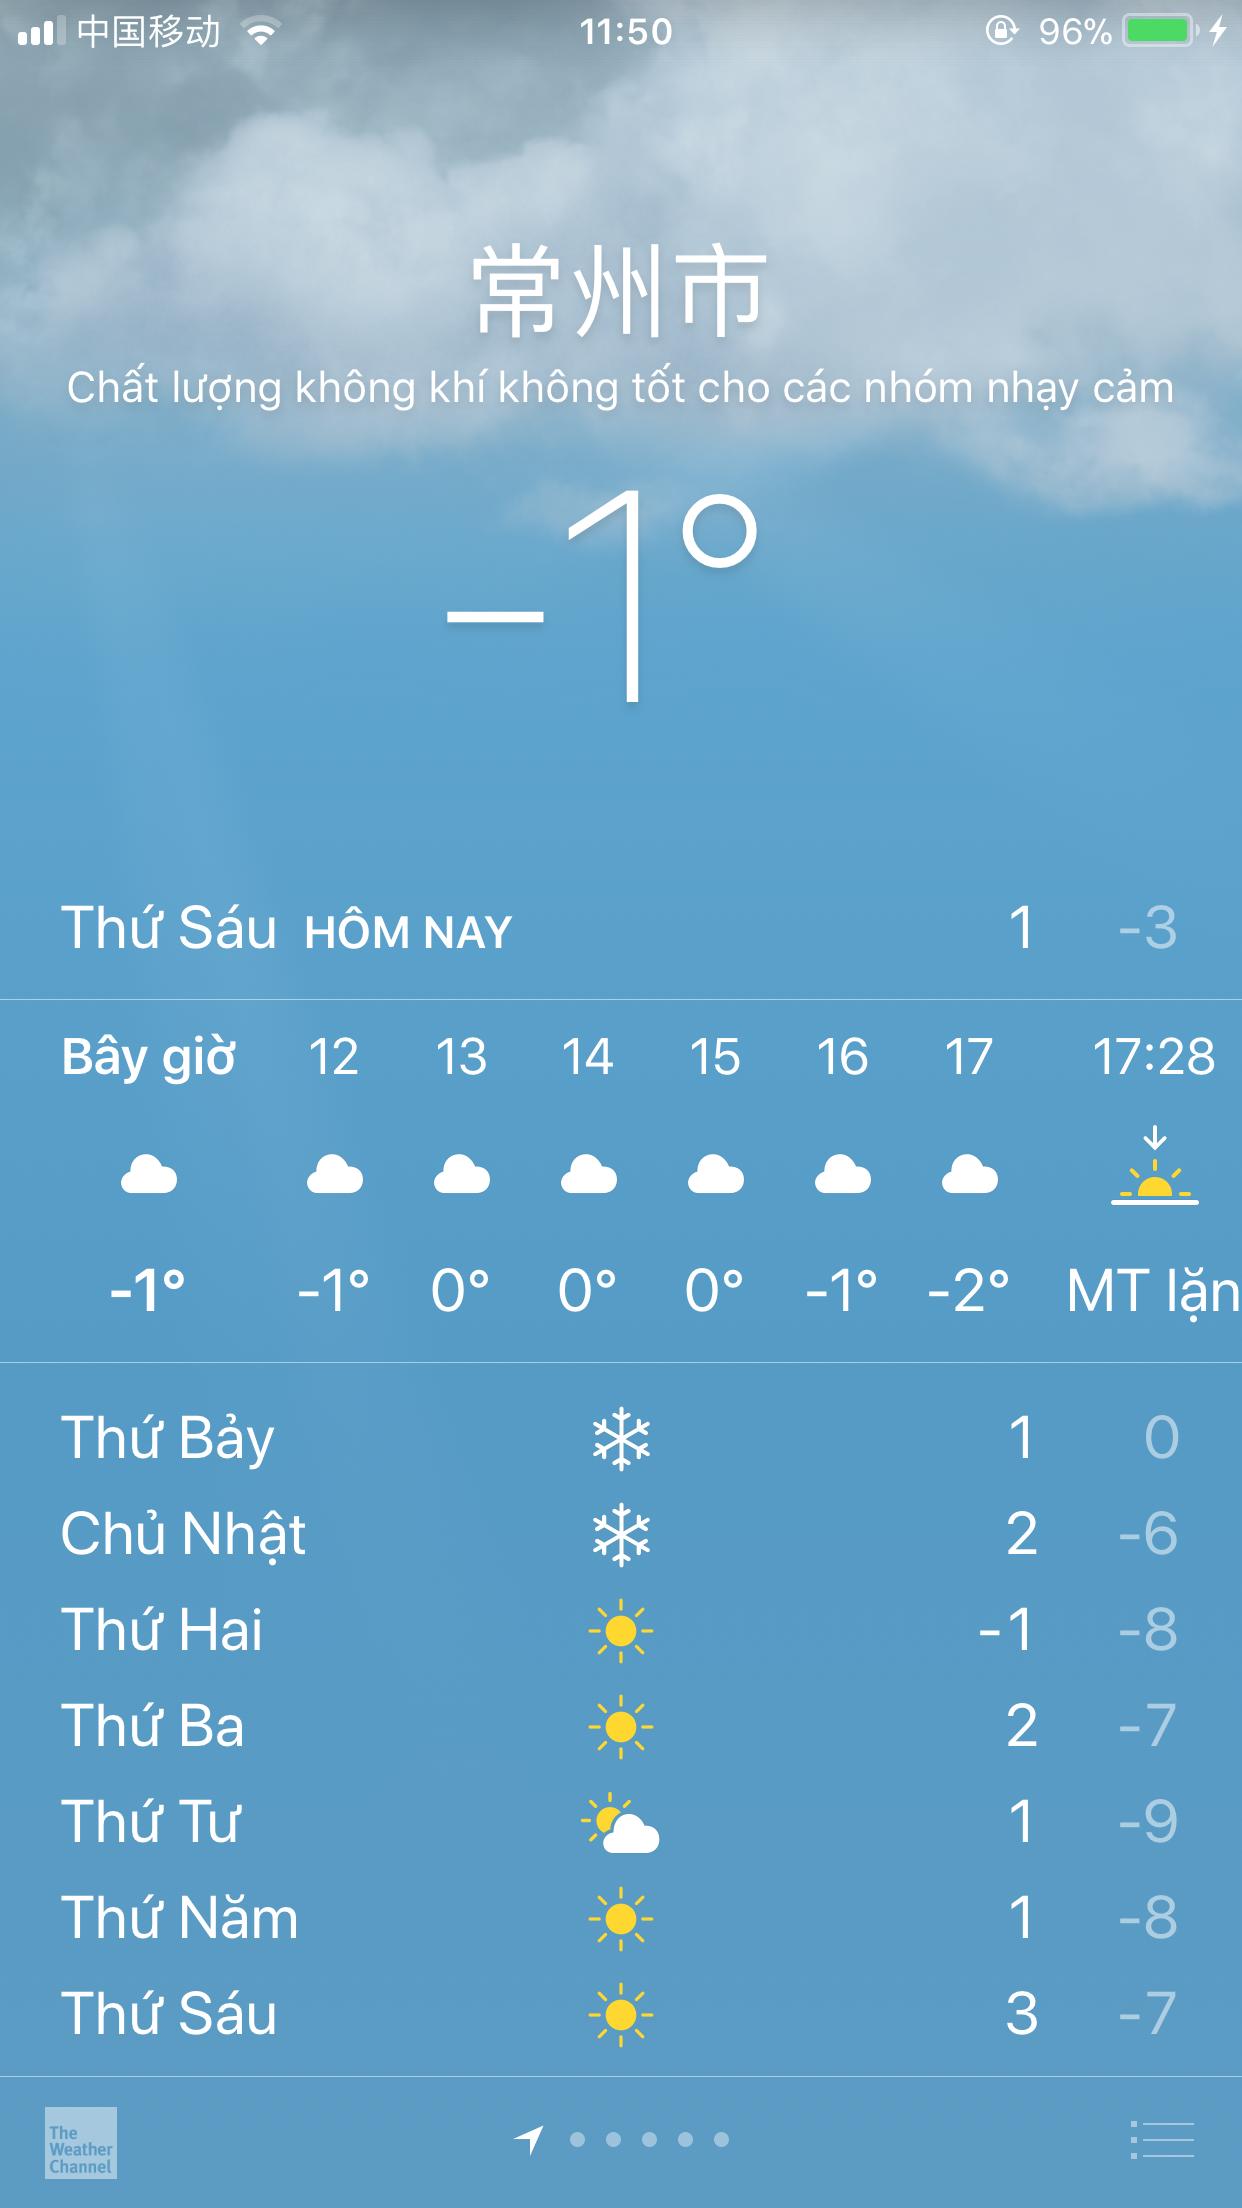 Nhiệt độ hiện tại ở Thường Châu, Trung Quốc. Ảnh: CĐV cung cấp.